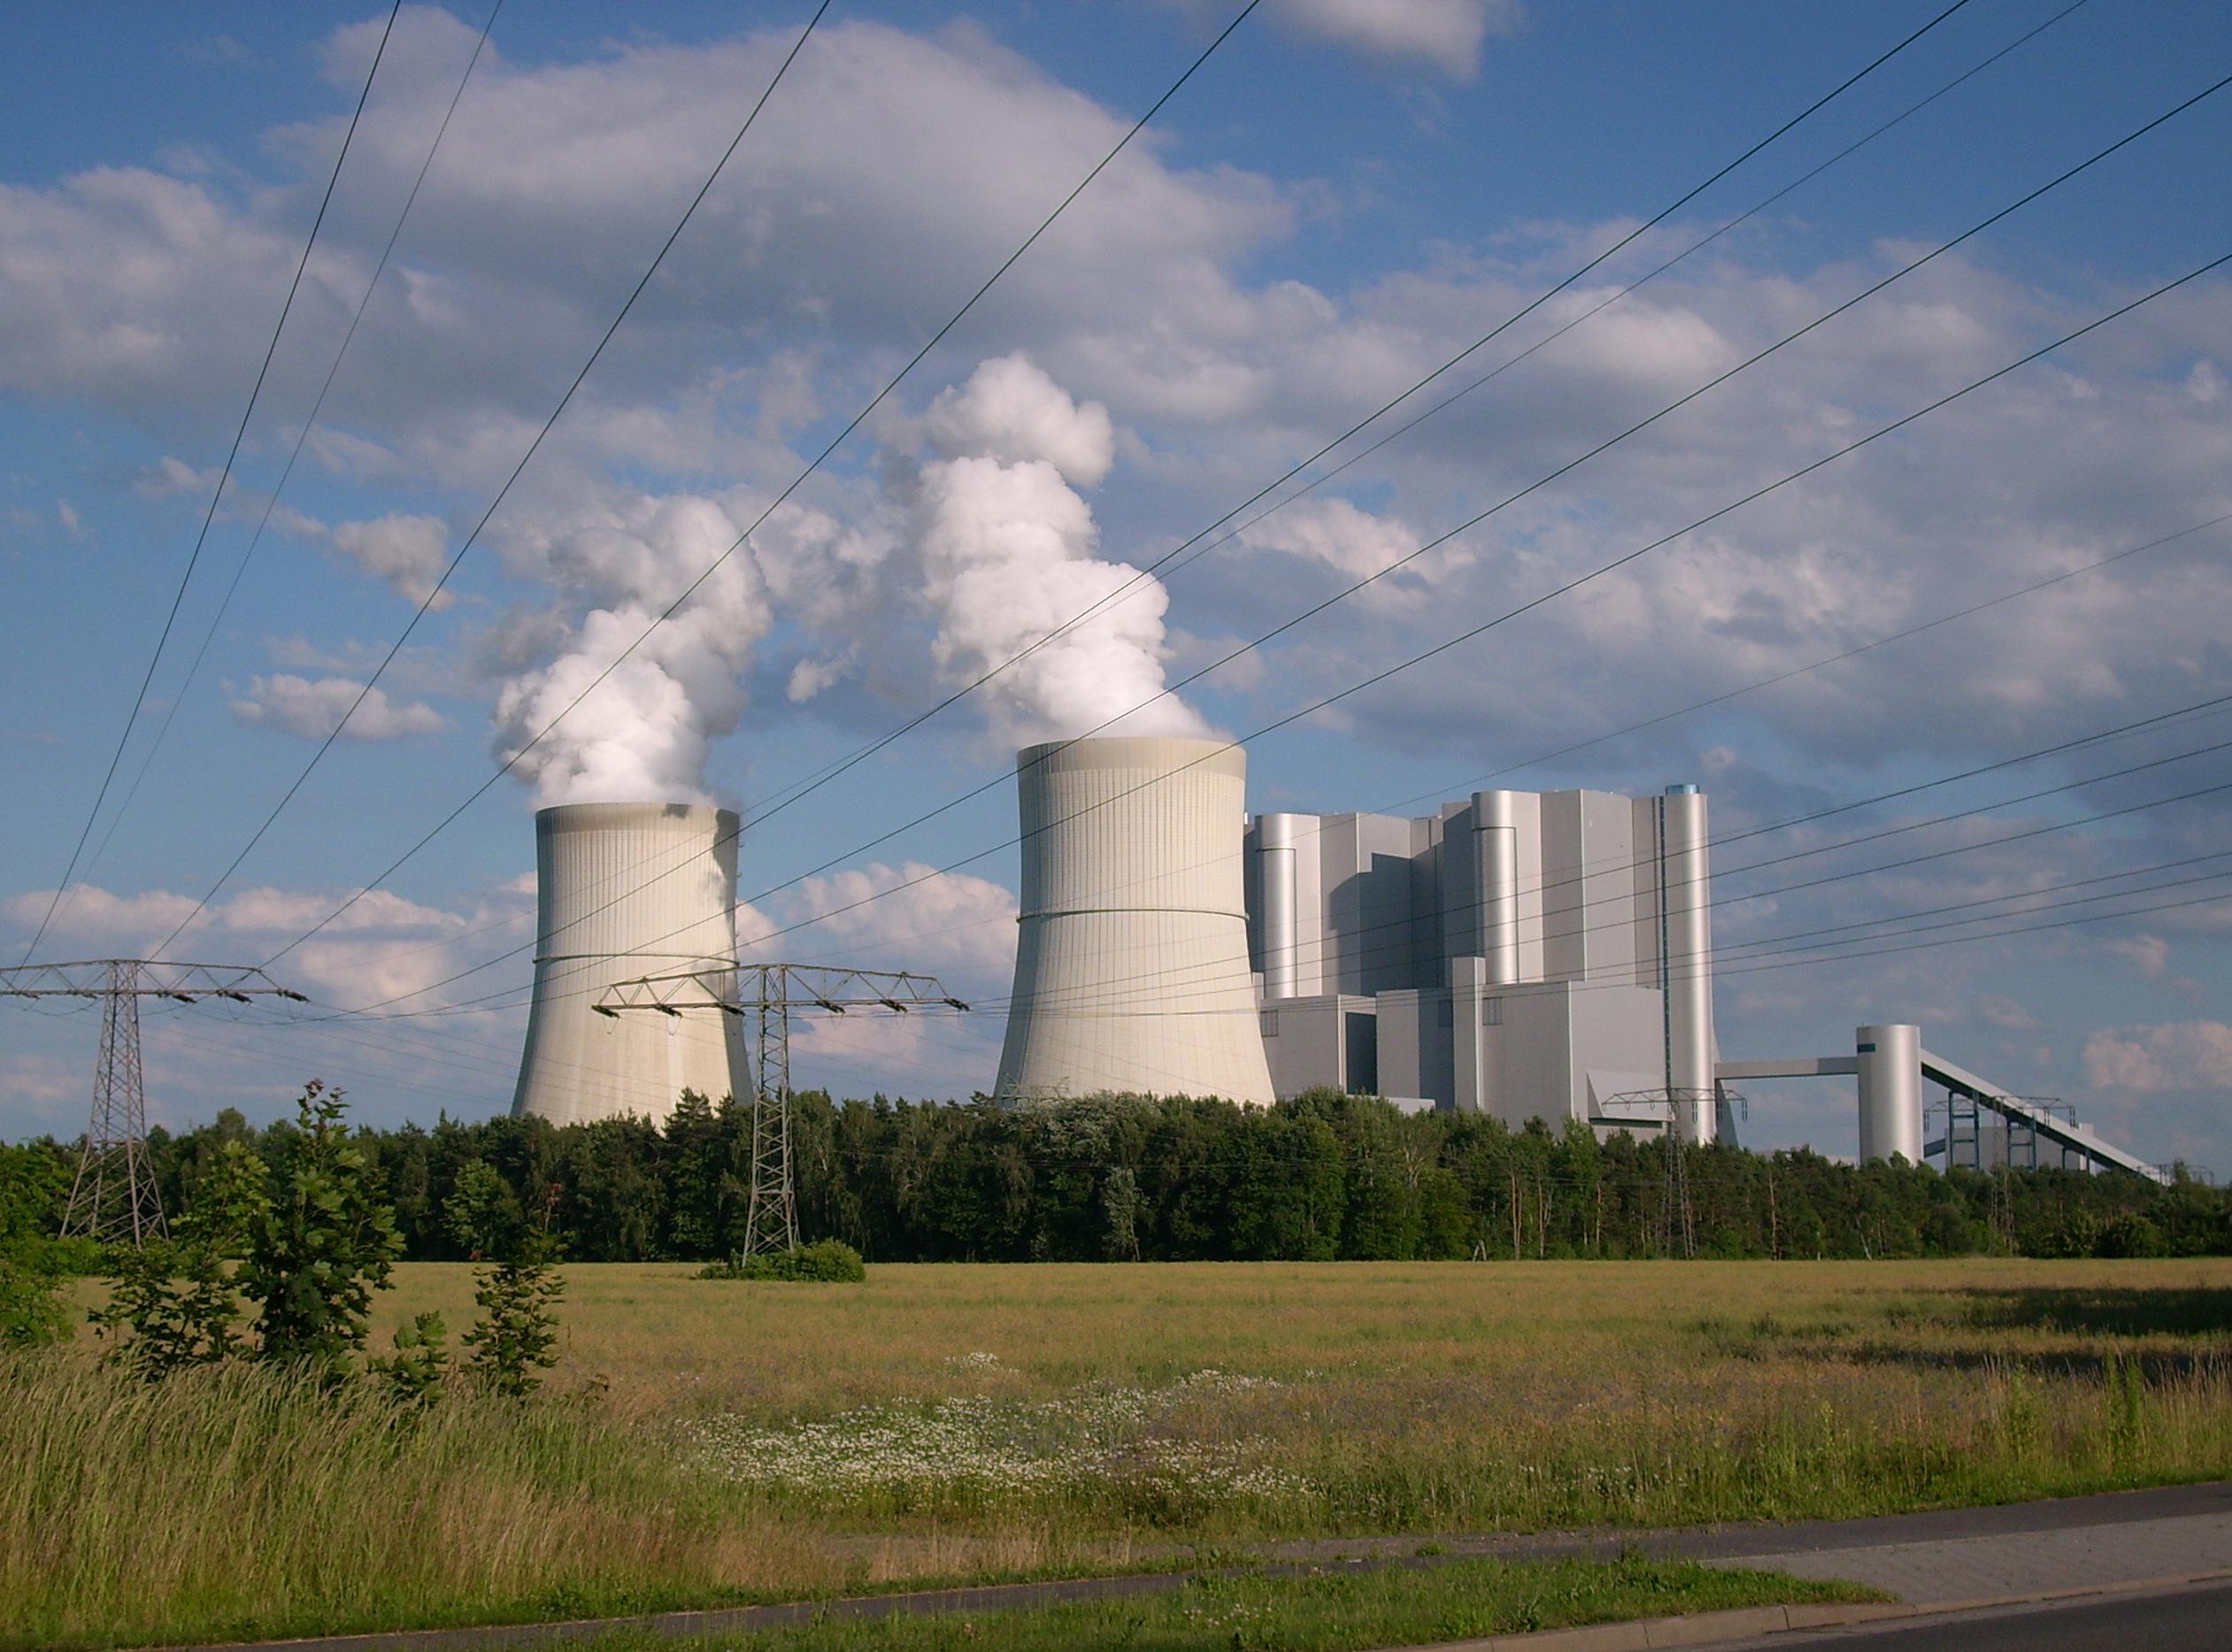 File:Kraftwerk Schwarze Pumpe 2.JPG Wikimedia Commons